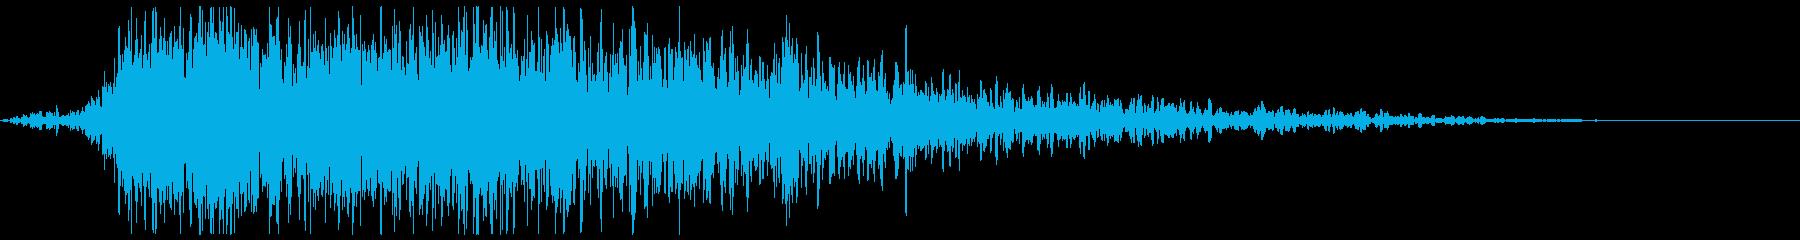 大爆発と爆弾の再生済みの波形